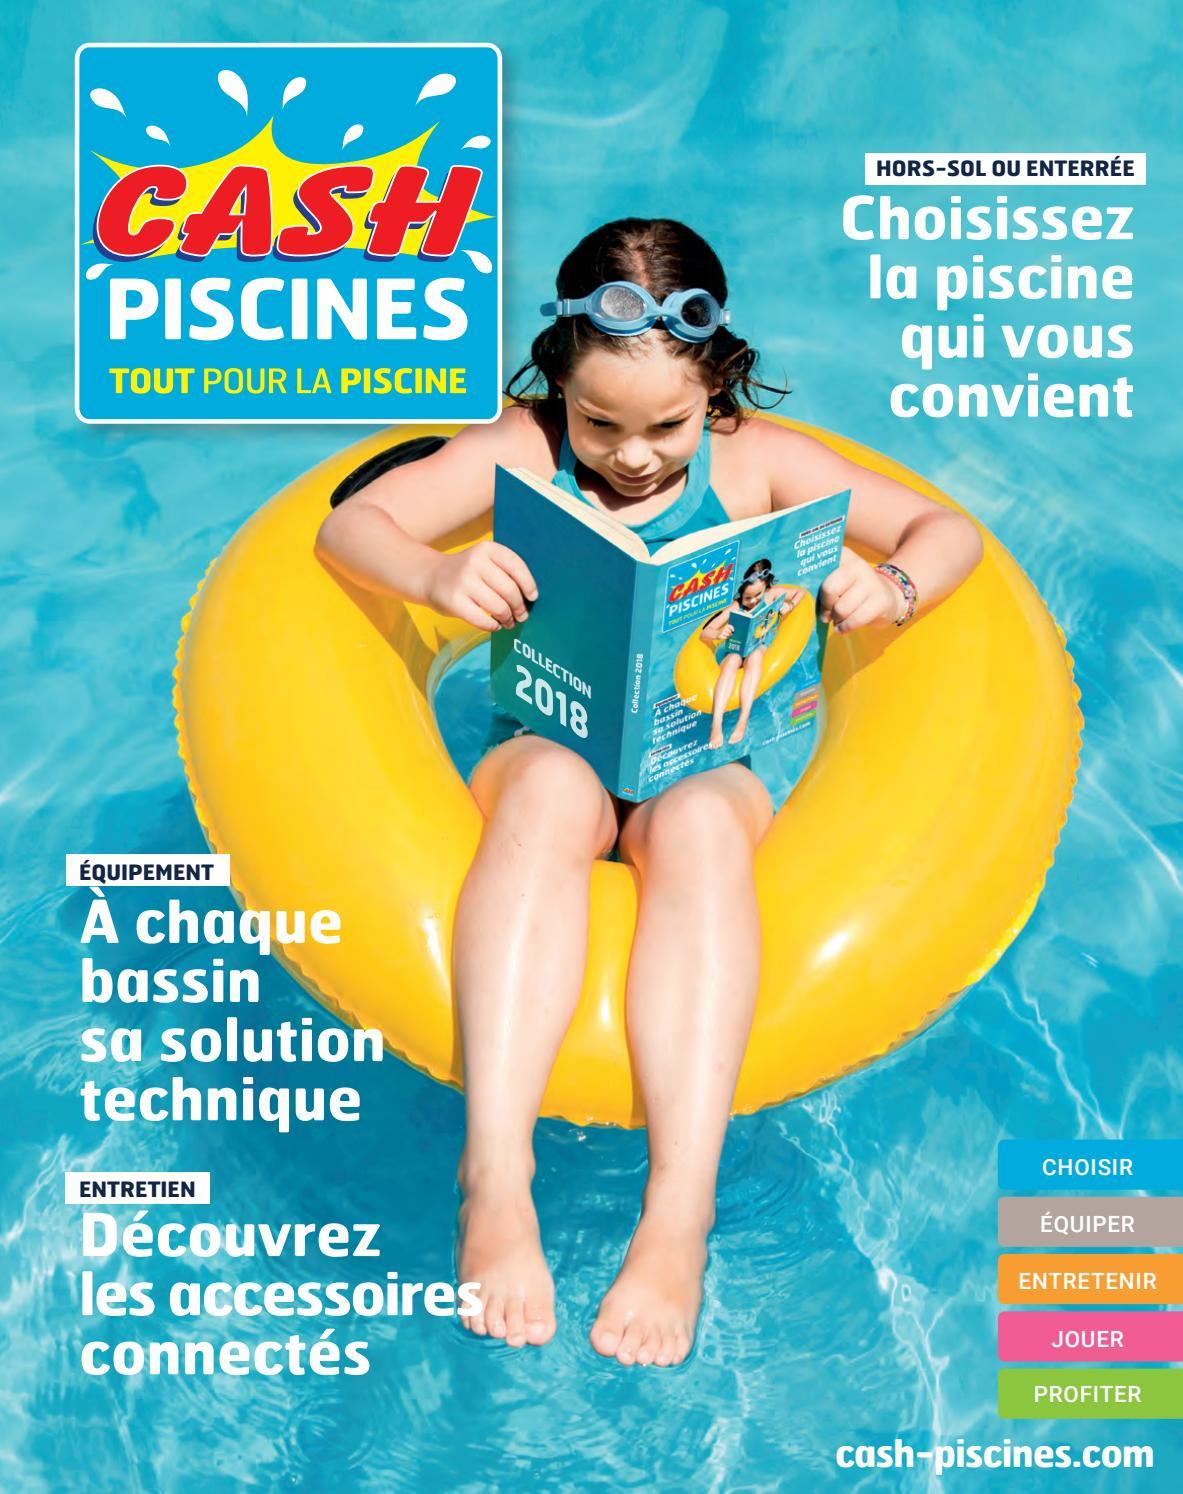 Catalogue Cash Piscine 2018 By Octave Octave - Issuu encequiconcerne Prix Piscine Desjoyaux 6X3